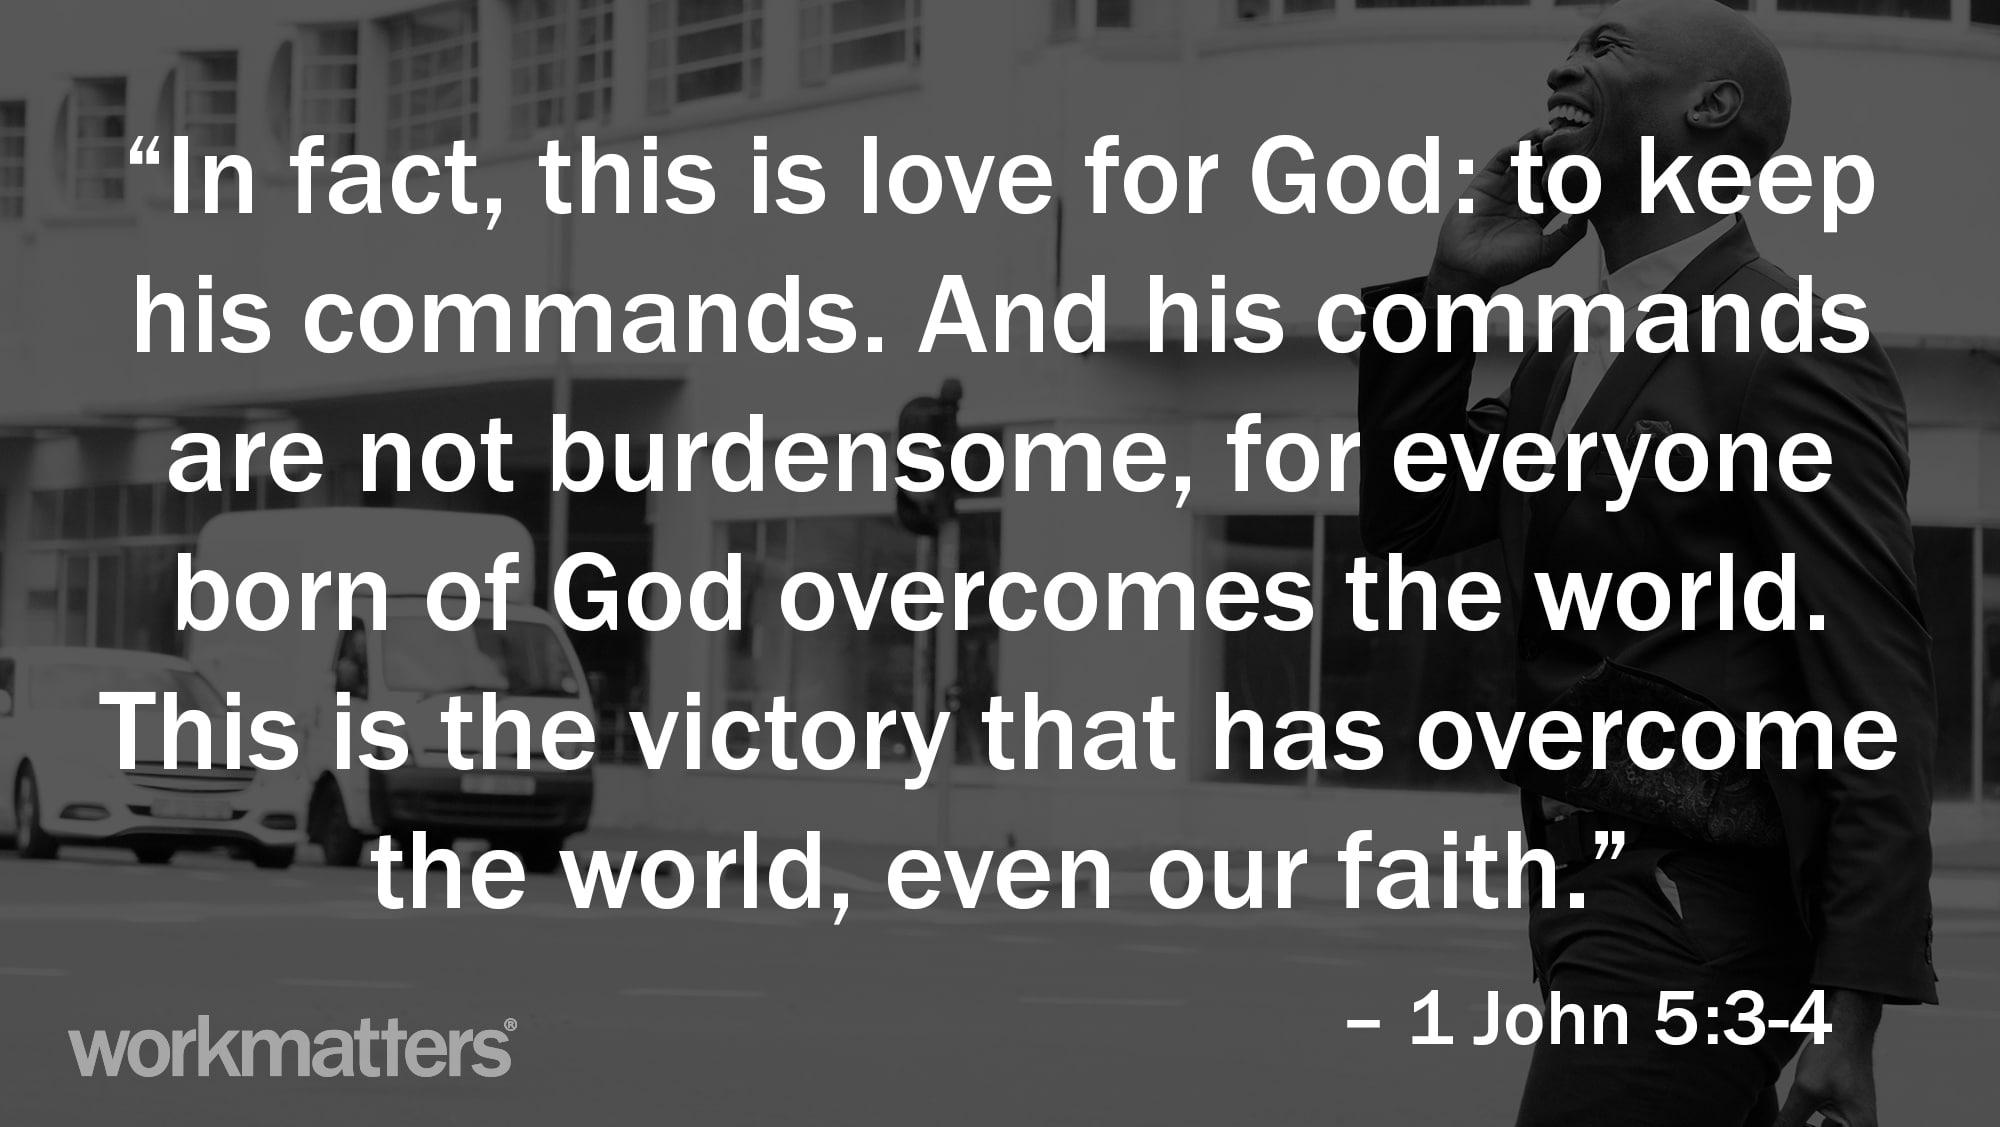 1 John 5:3-4